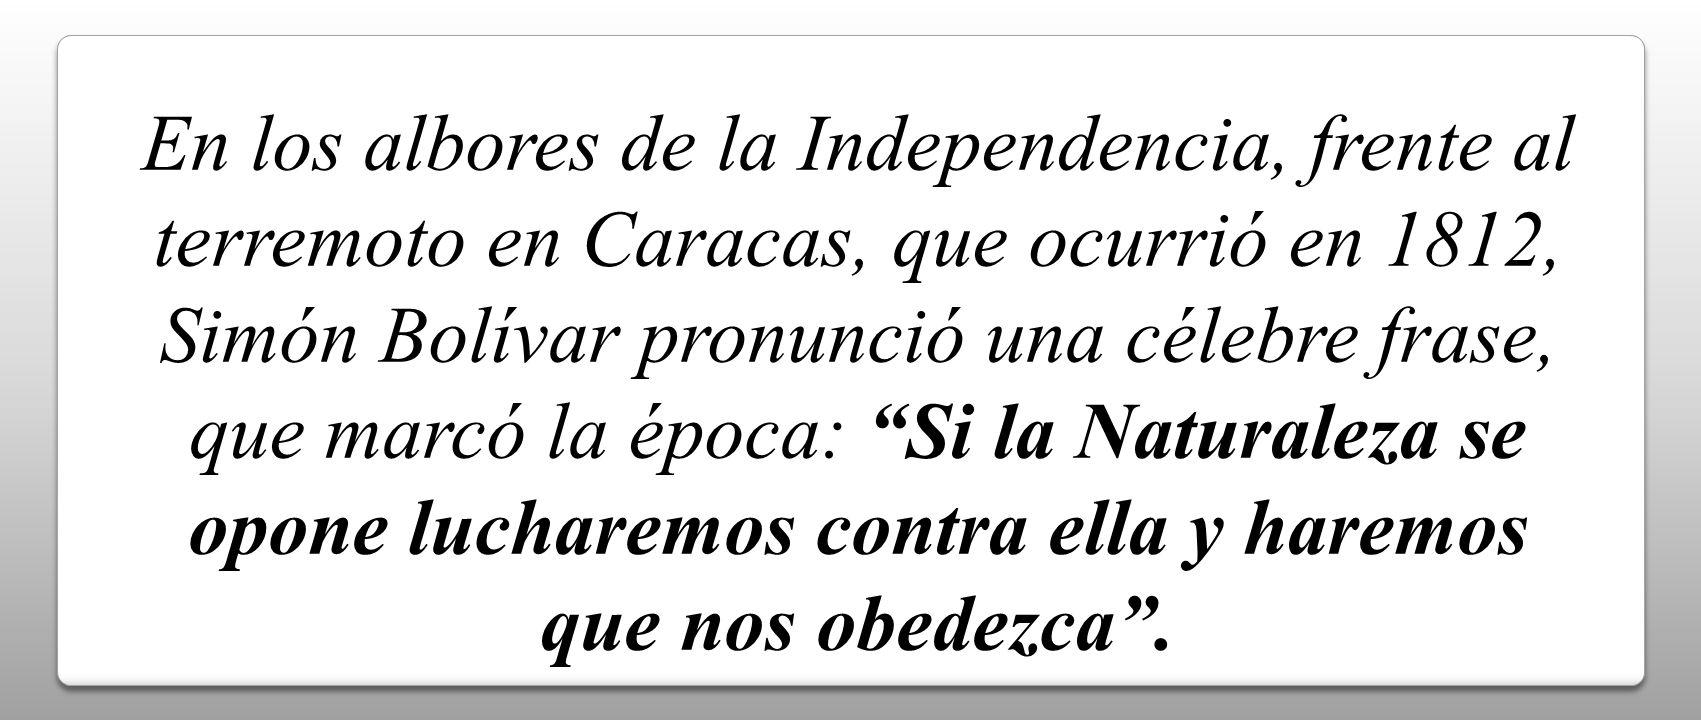 En los albores de la Independencia, frente al terremoto en Caracas, que ocurrió en 1812, Simón Bolívar pronunció una célebre frase, que marcó la época: Si la Naturaleza se opone lucharemos contra ella y haremos que nos obedezca .